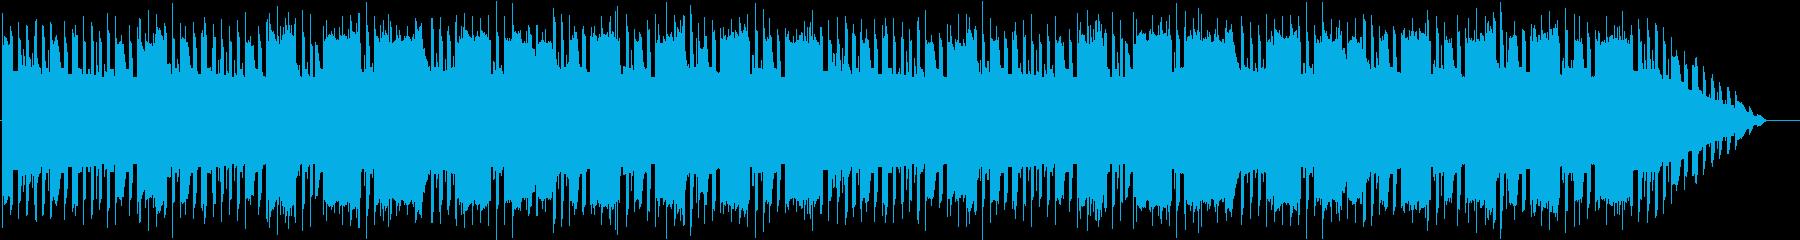 【8bit】わくわくショッピングタウンの再生済みの波形